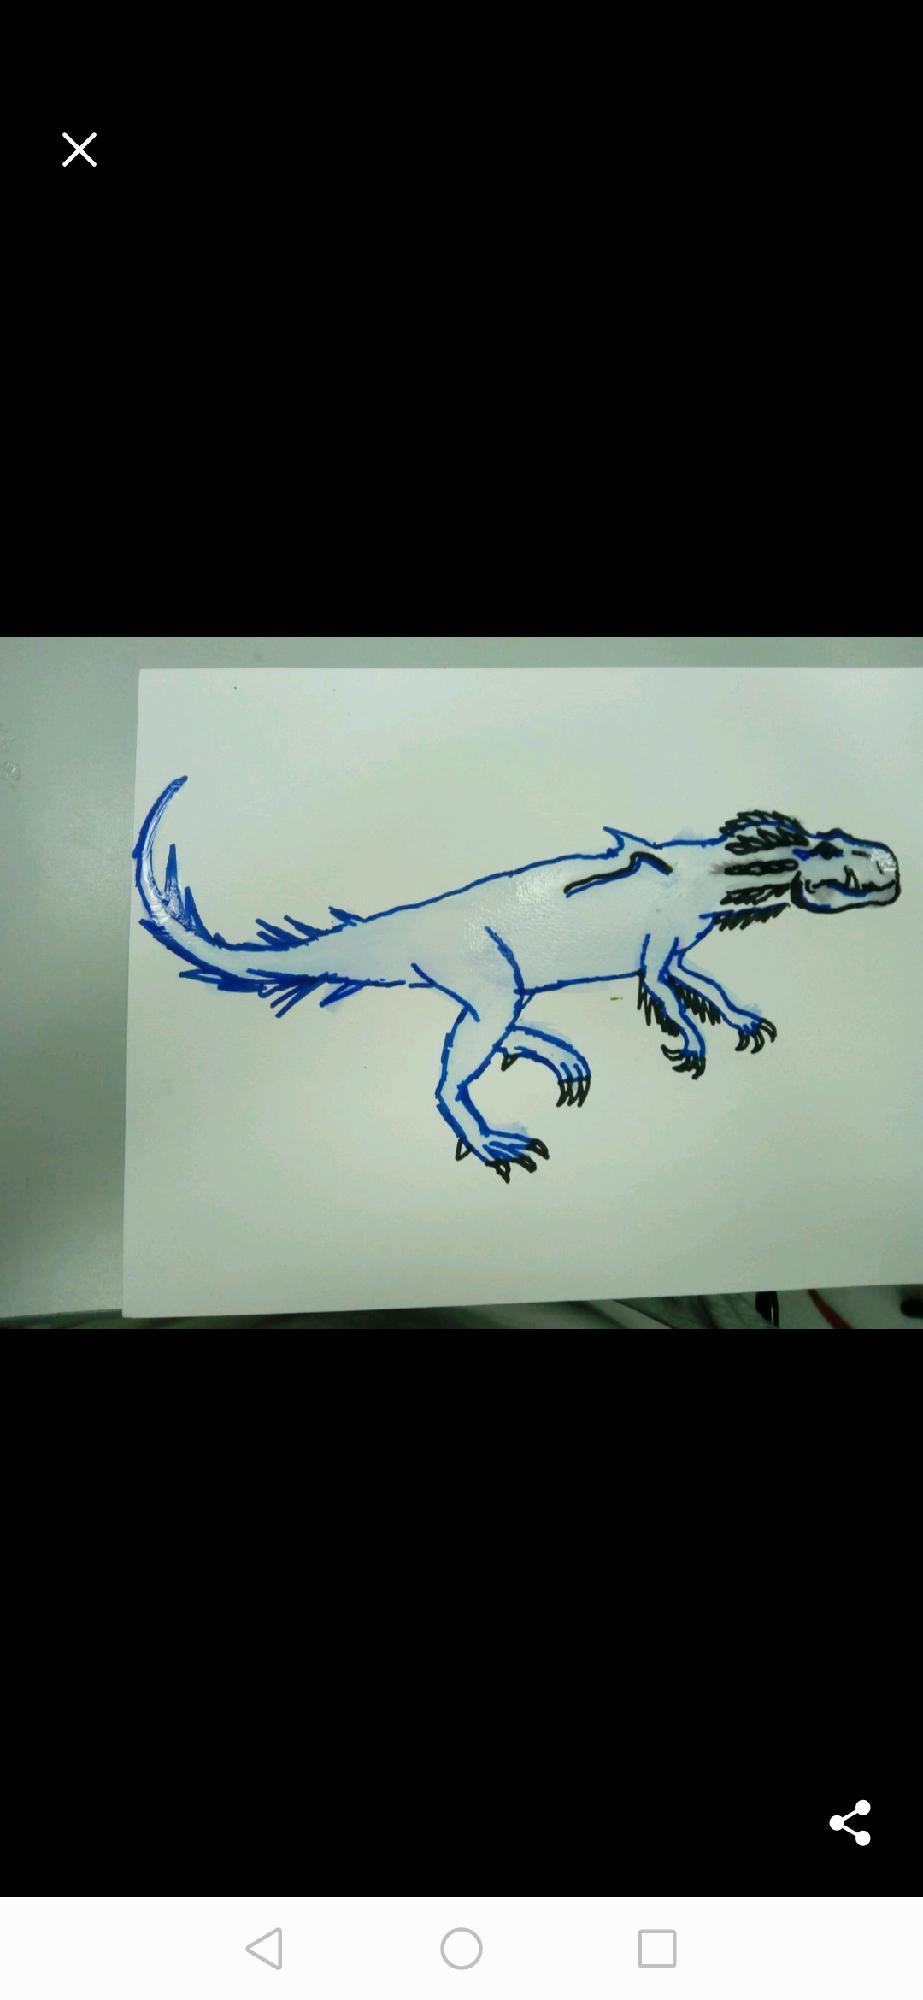 El draco verse (creado por Draco1500)